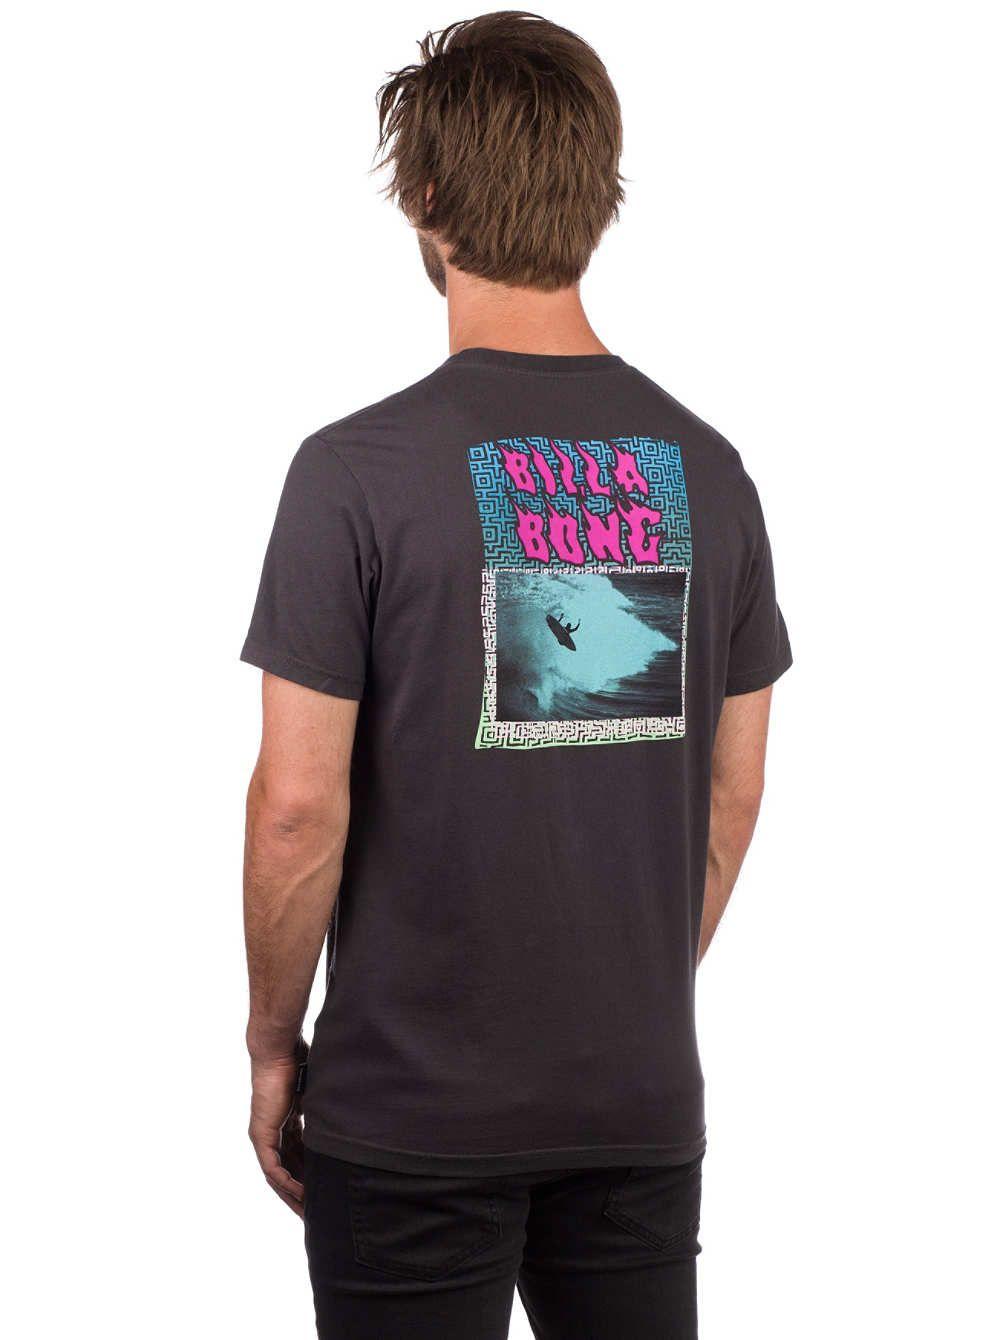 Buy Billabong Otiss T Shirt Online At Blue Tomato Shirt Online Shirts Tshirts Online